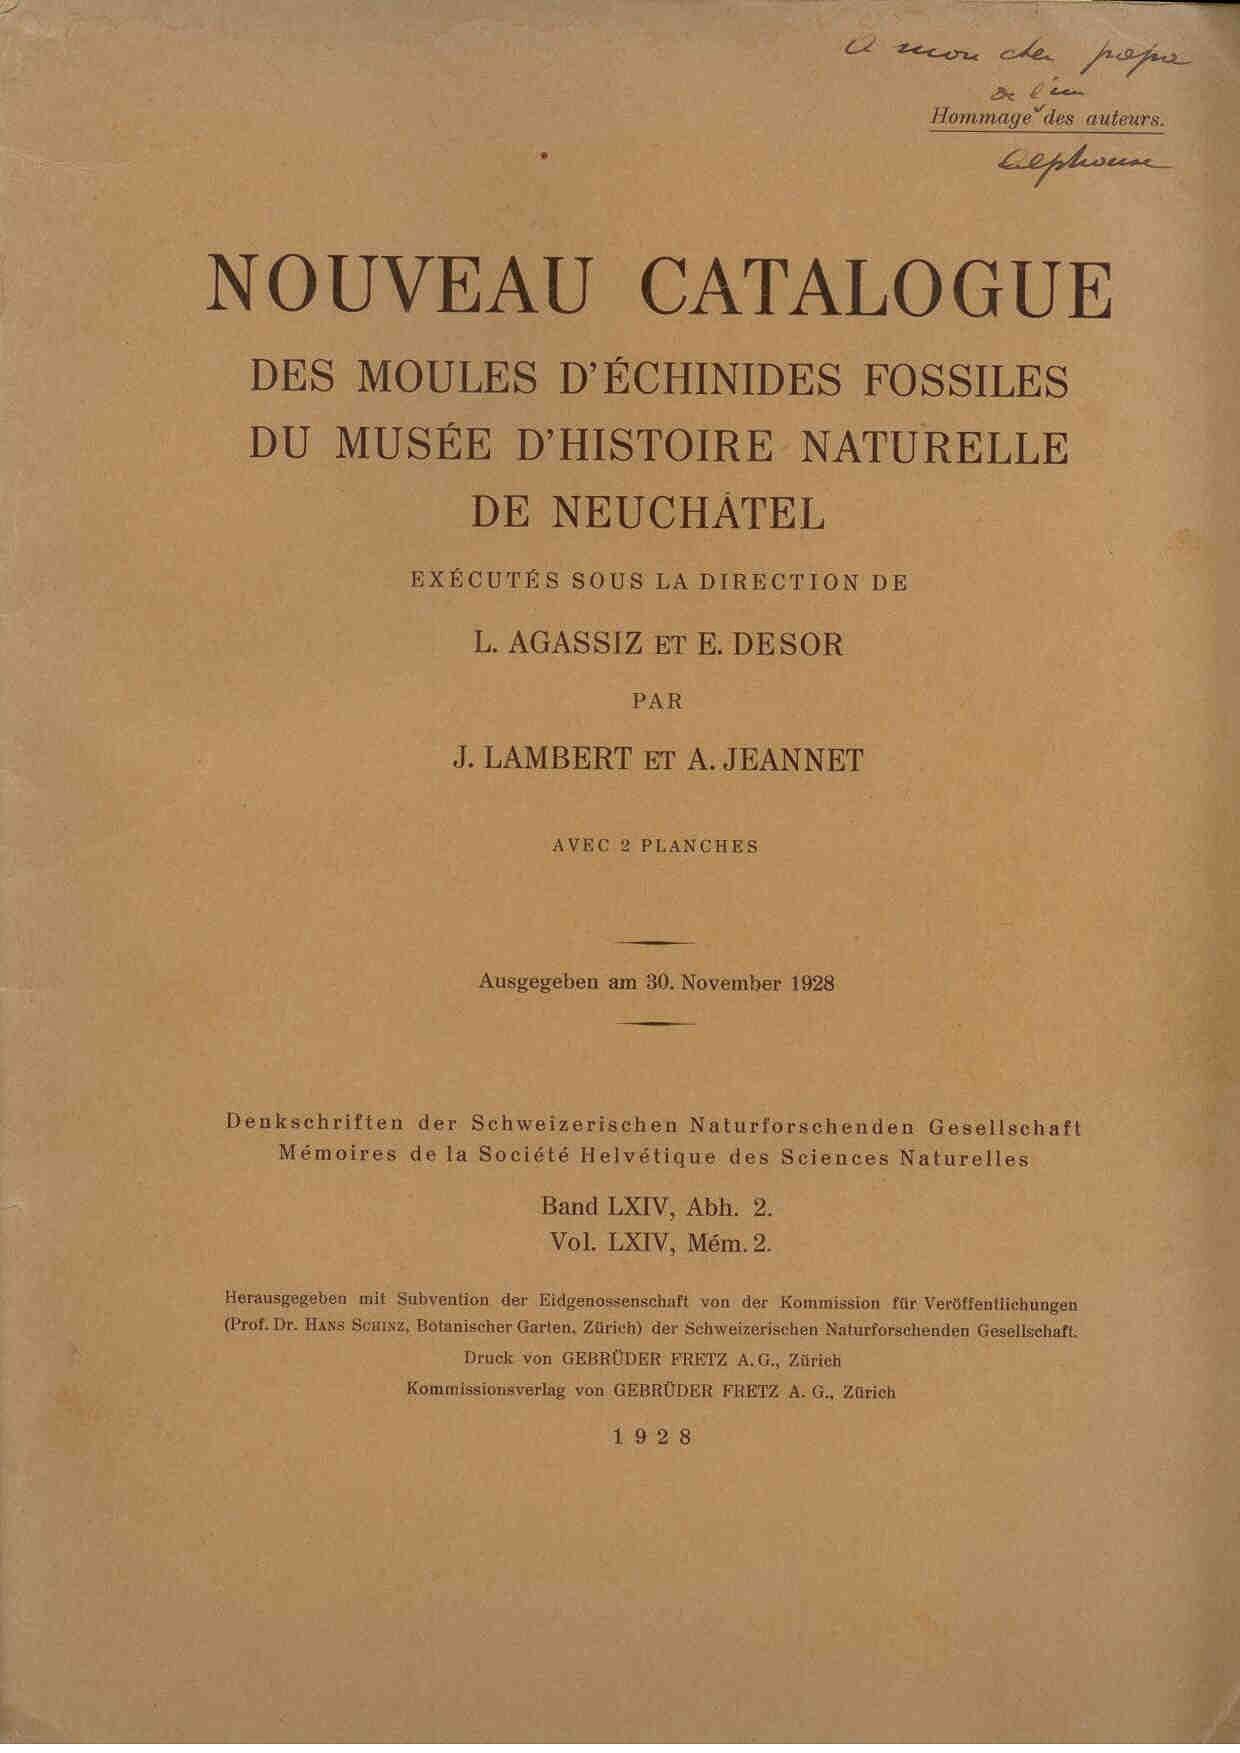 Lambert, J.: Nouveau Catalogue des Moules De Echinides Fossiles du Musee D'Histoire Naturelle de Neuchatel